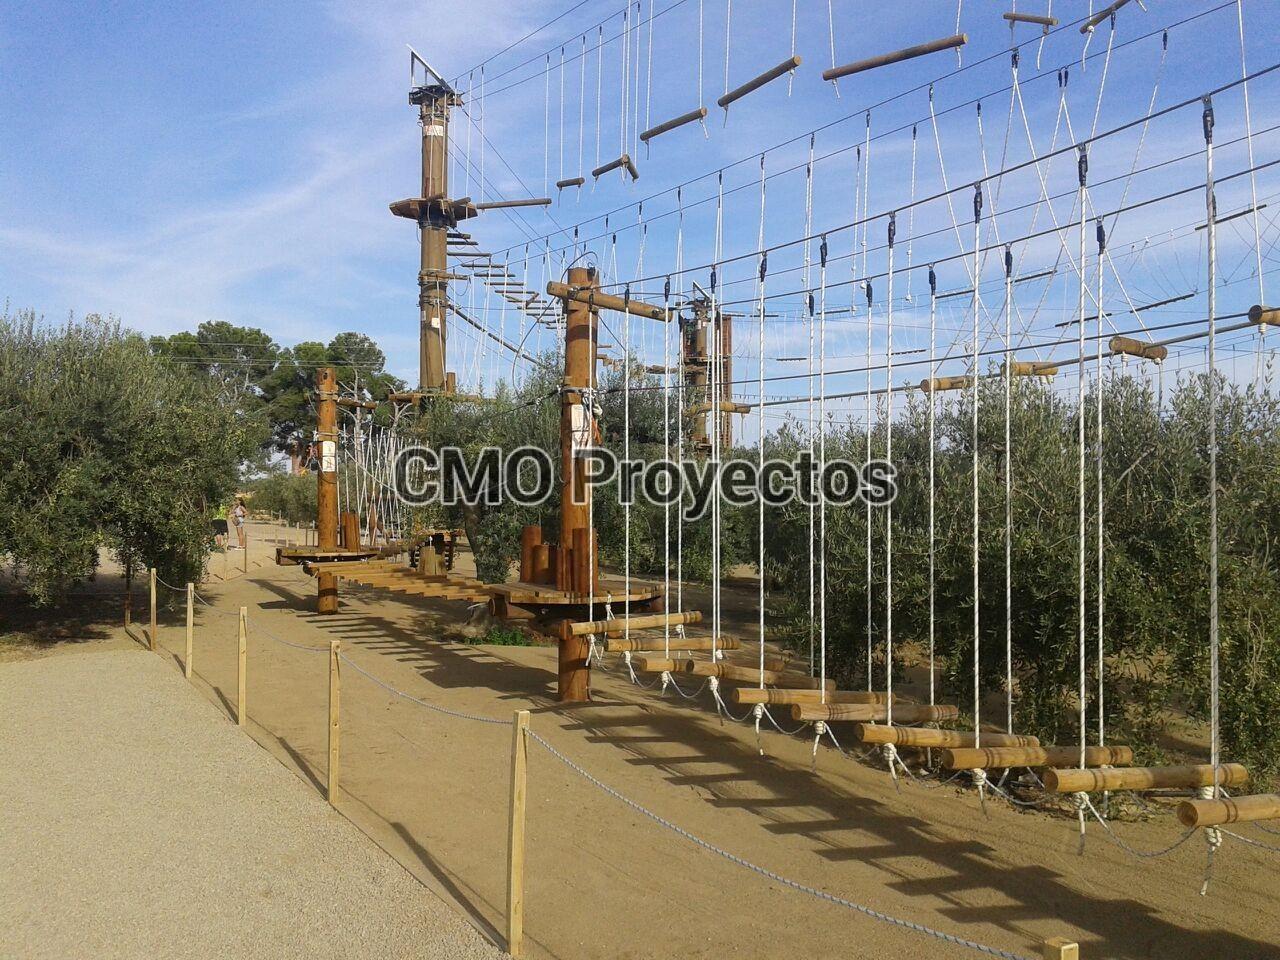 Parque Jumpland Aventura (Tarragona) en Parque Multiaventura CMO Proyectos